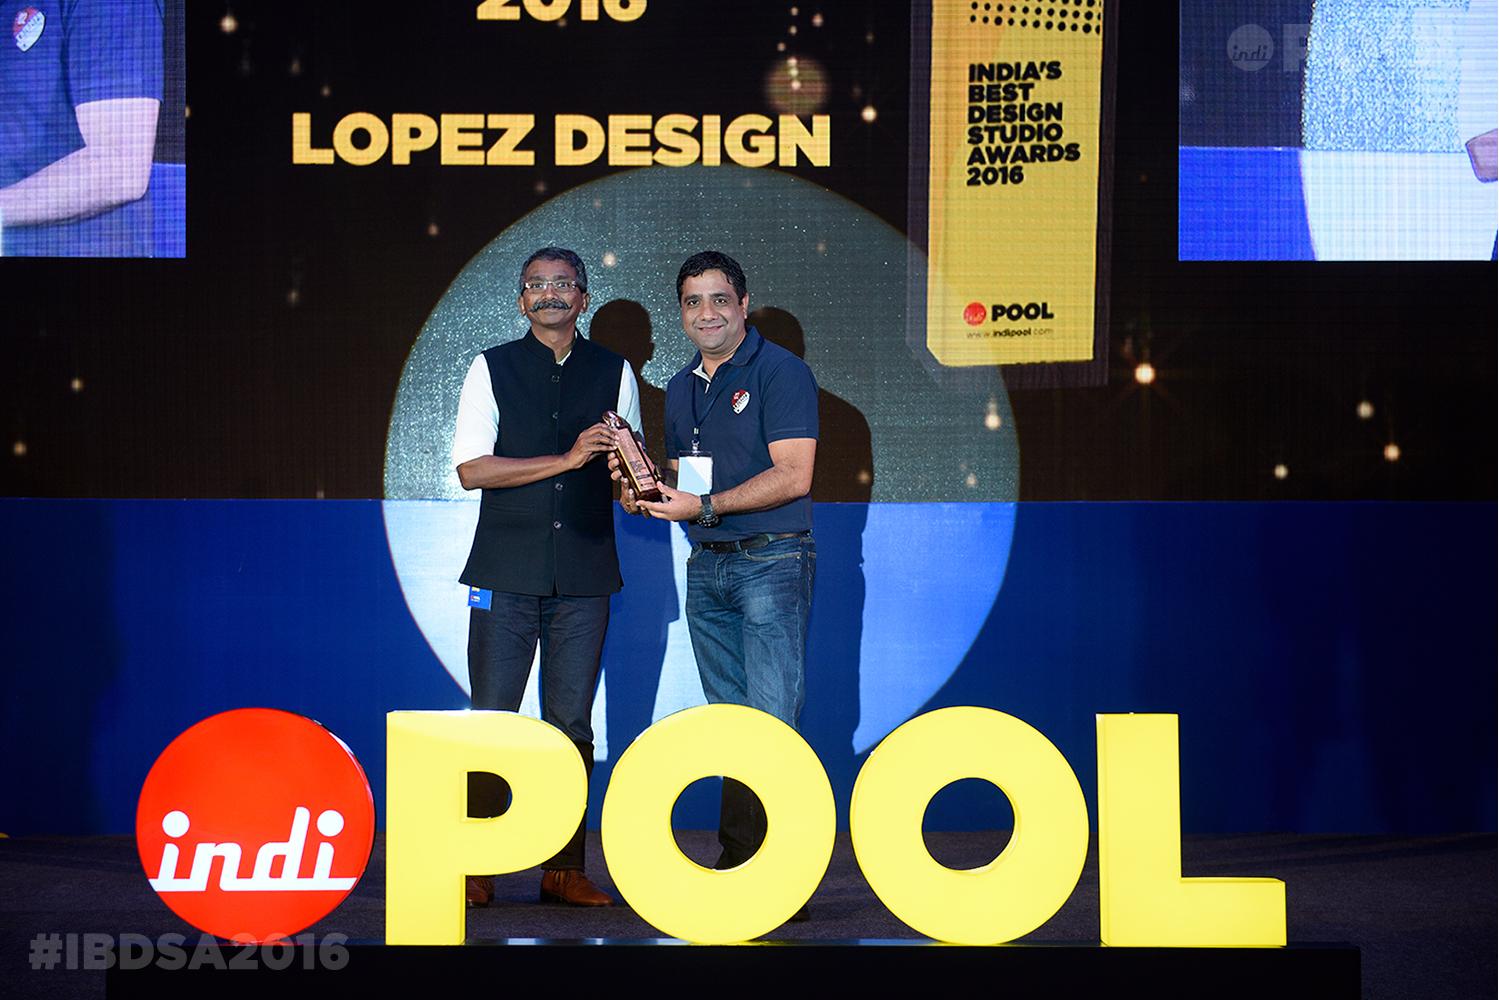 India's Best Graphic Design Studio 2016 - Lopez Design